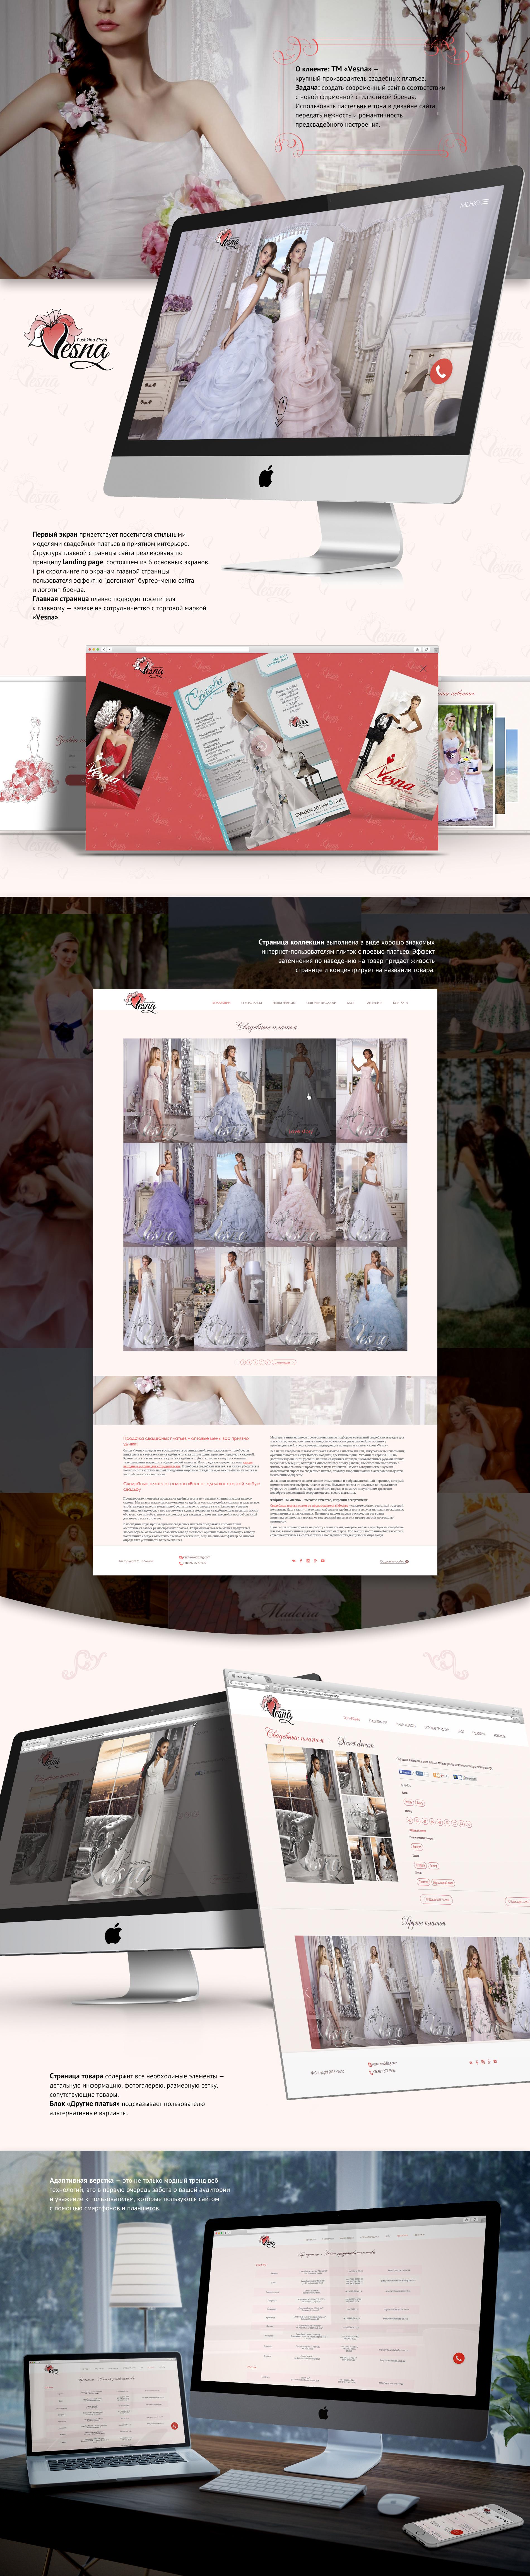 ТМ «Vesna» - крупный производитель свадебных платьев.